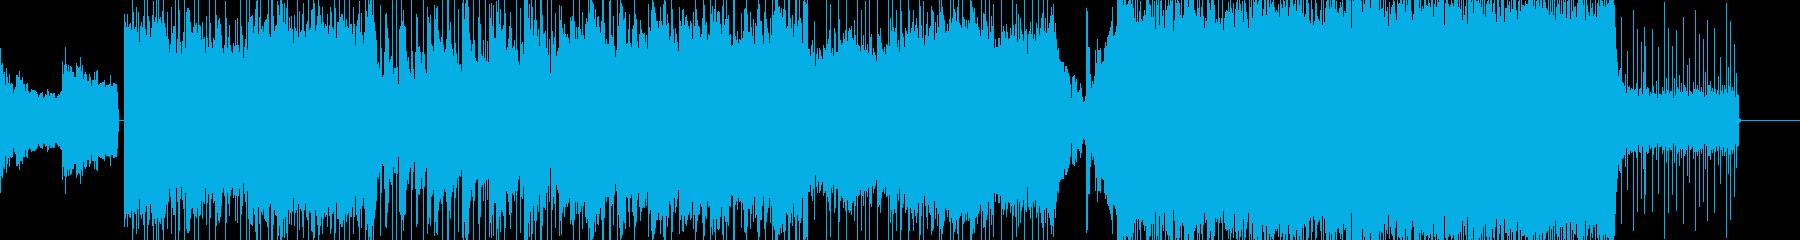 壮大でパワフルなオーケストラロックの再生済みの波形